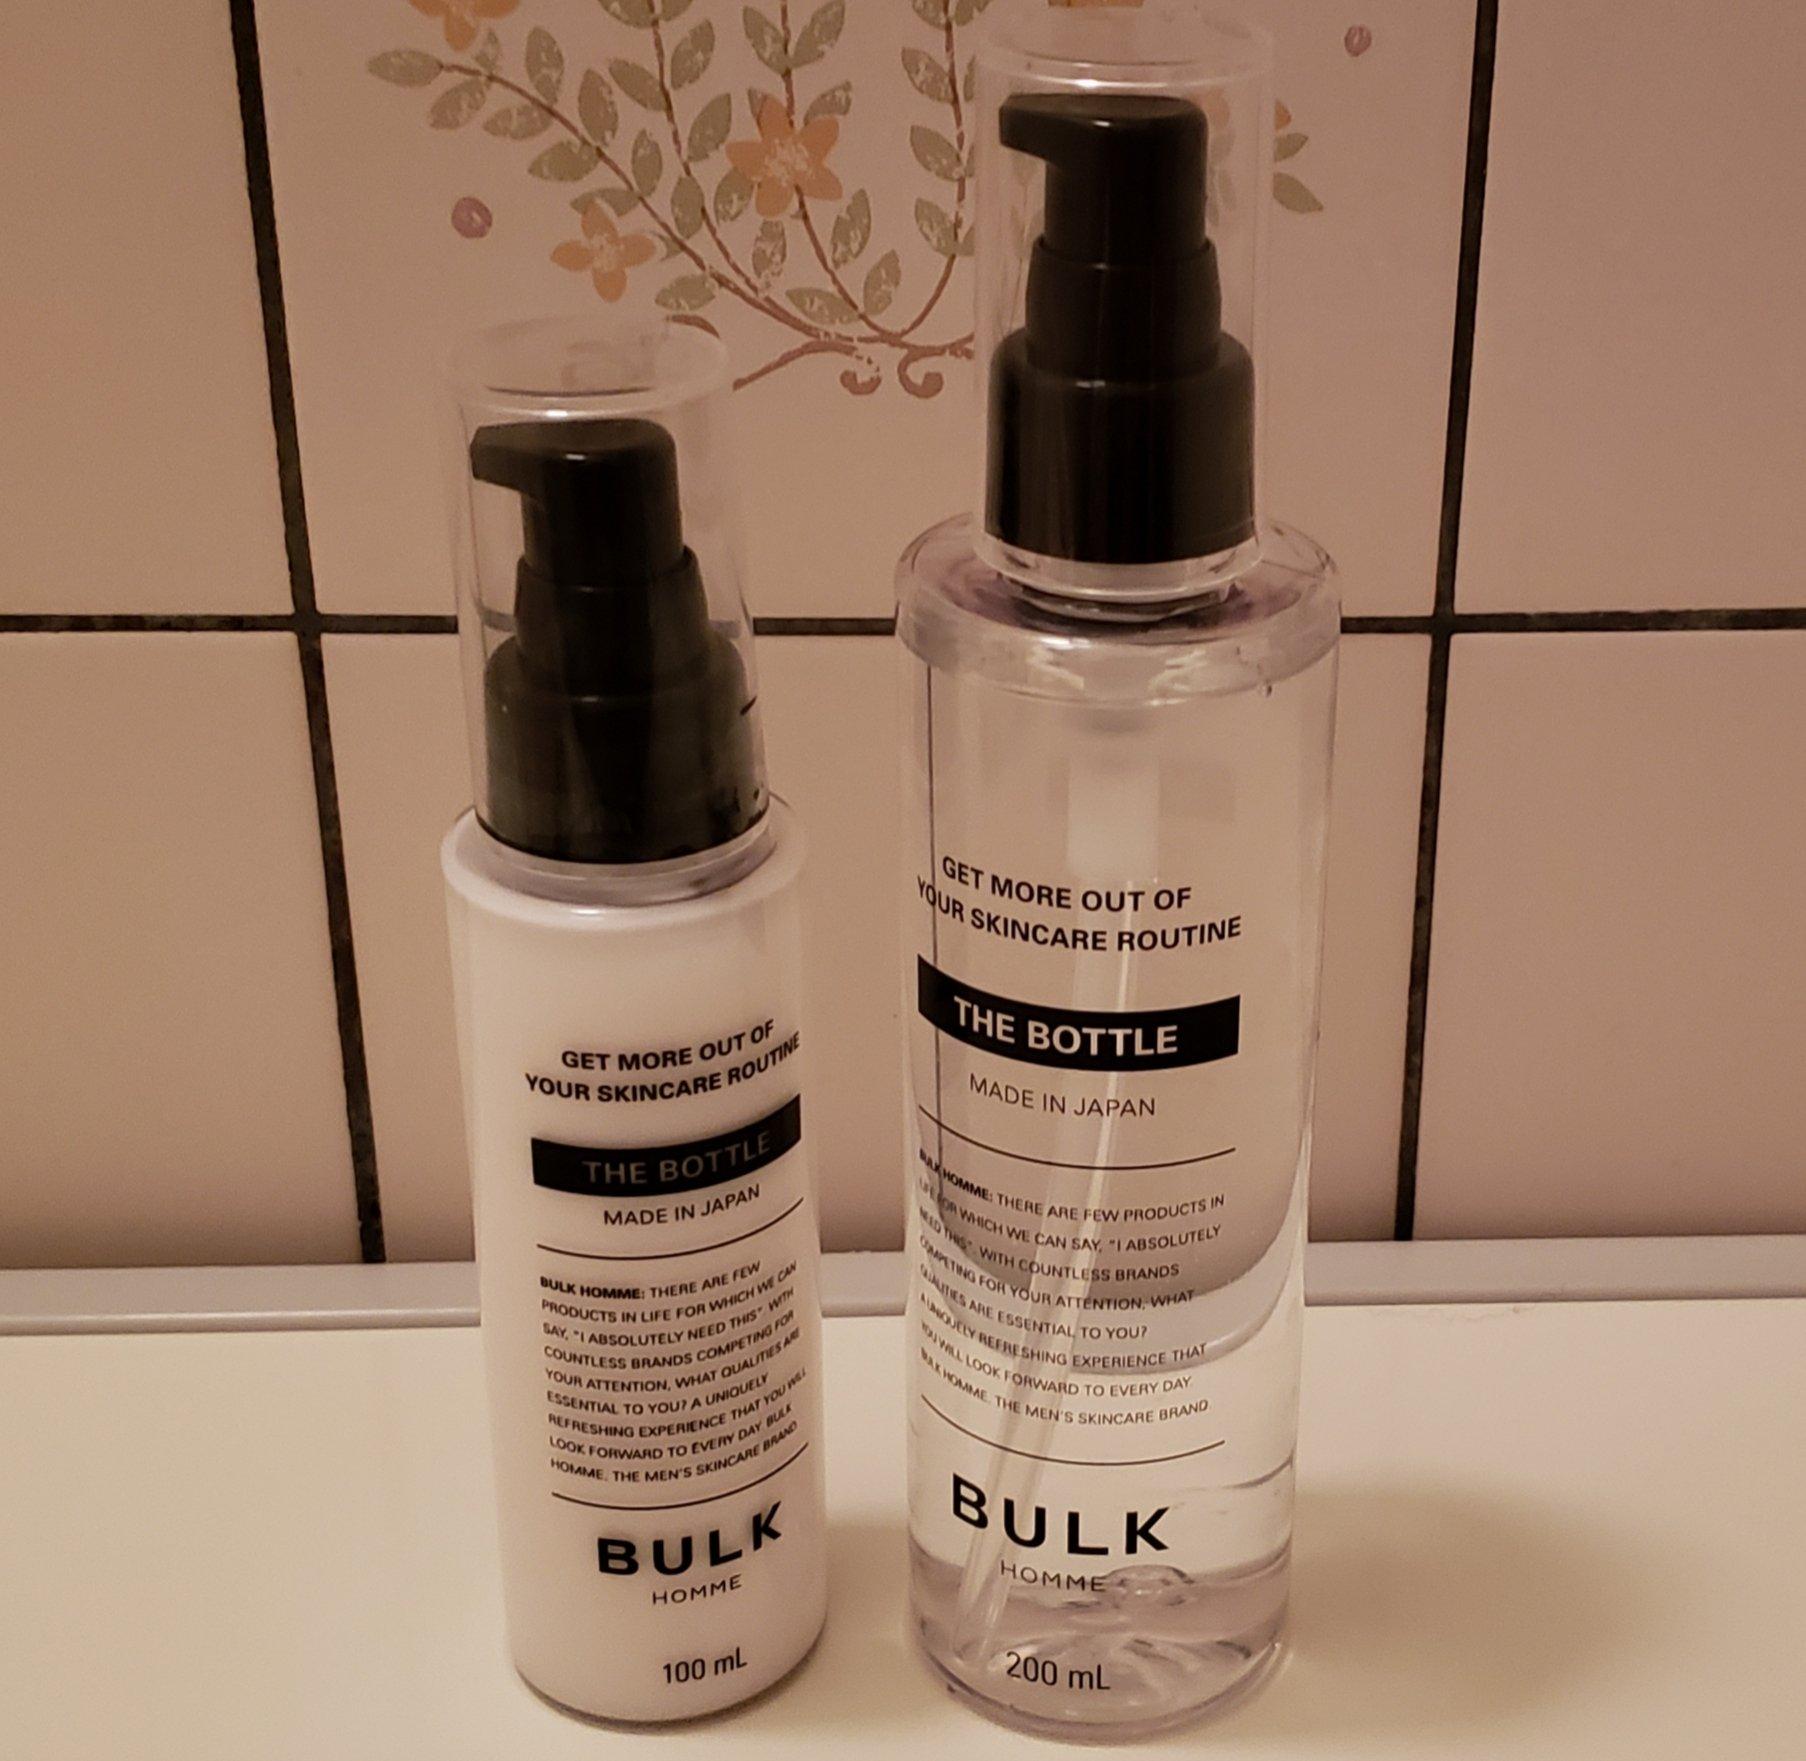 バルクオムは化粧水だけで乳液は必要ないのか検証